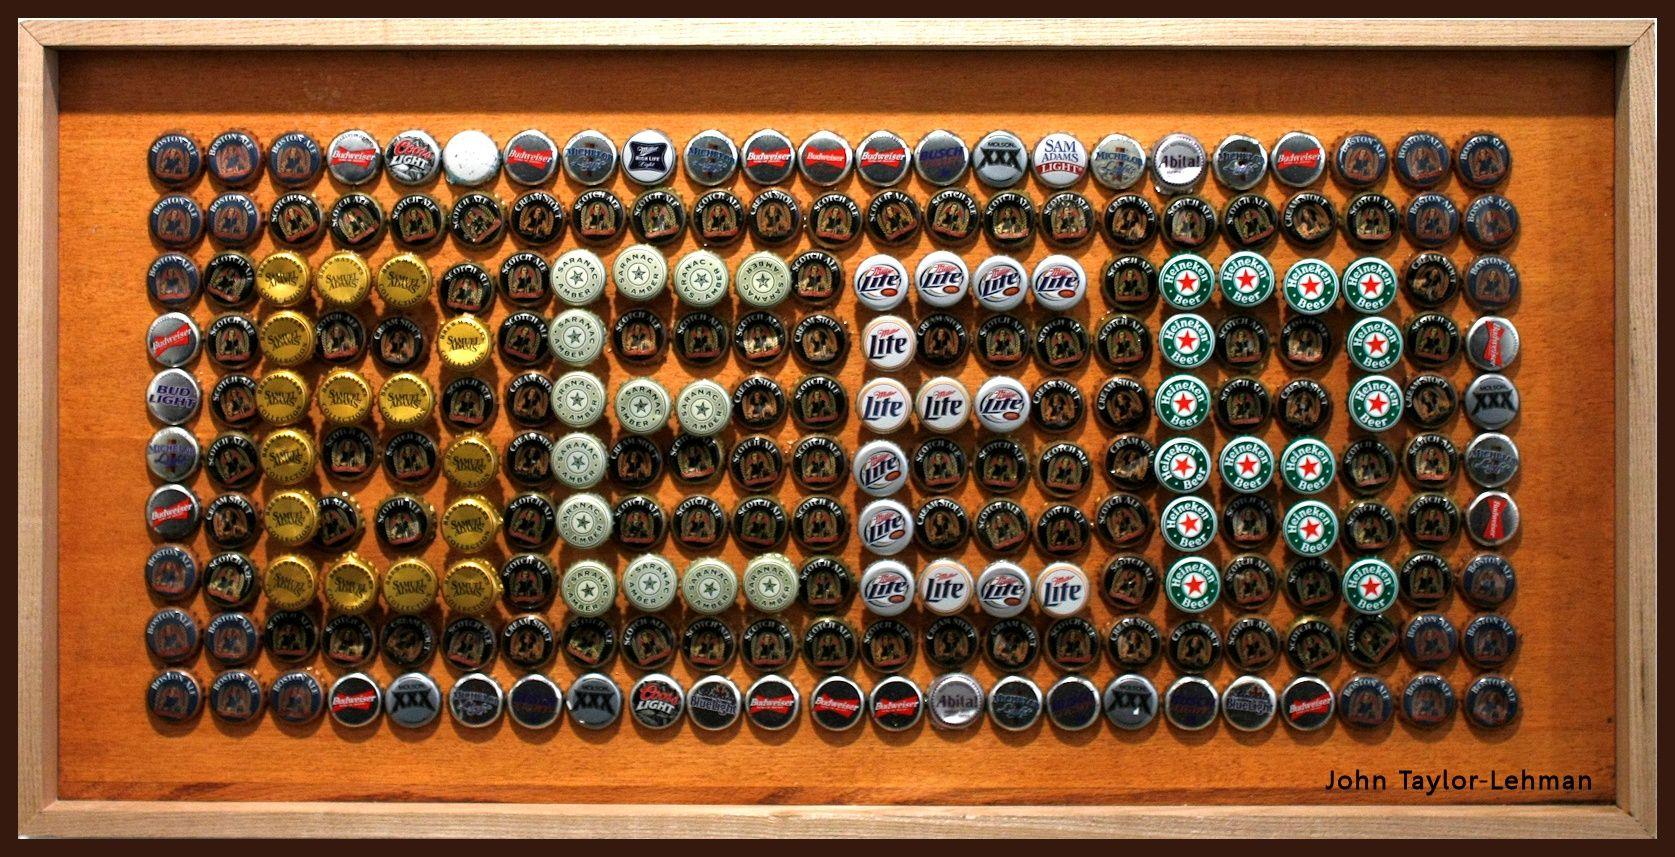 Beer bottle cap art bing images for How to make beer bottle cap art